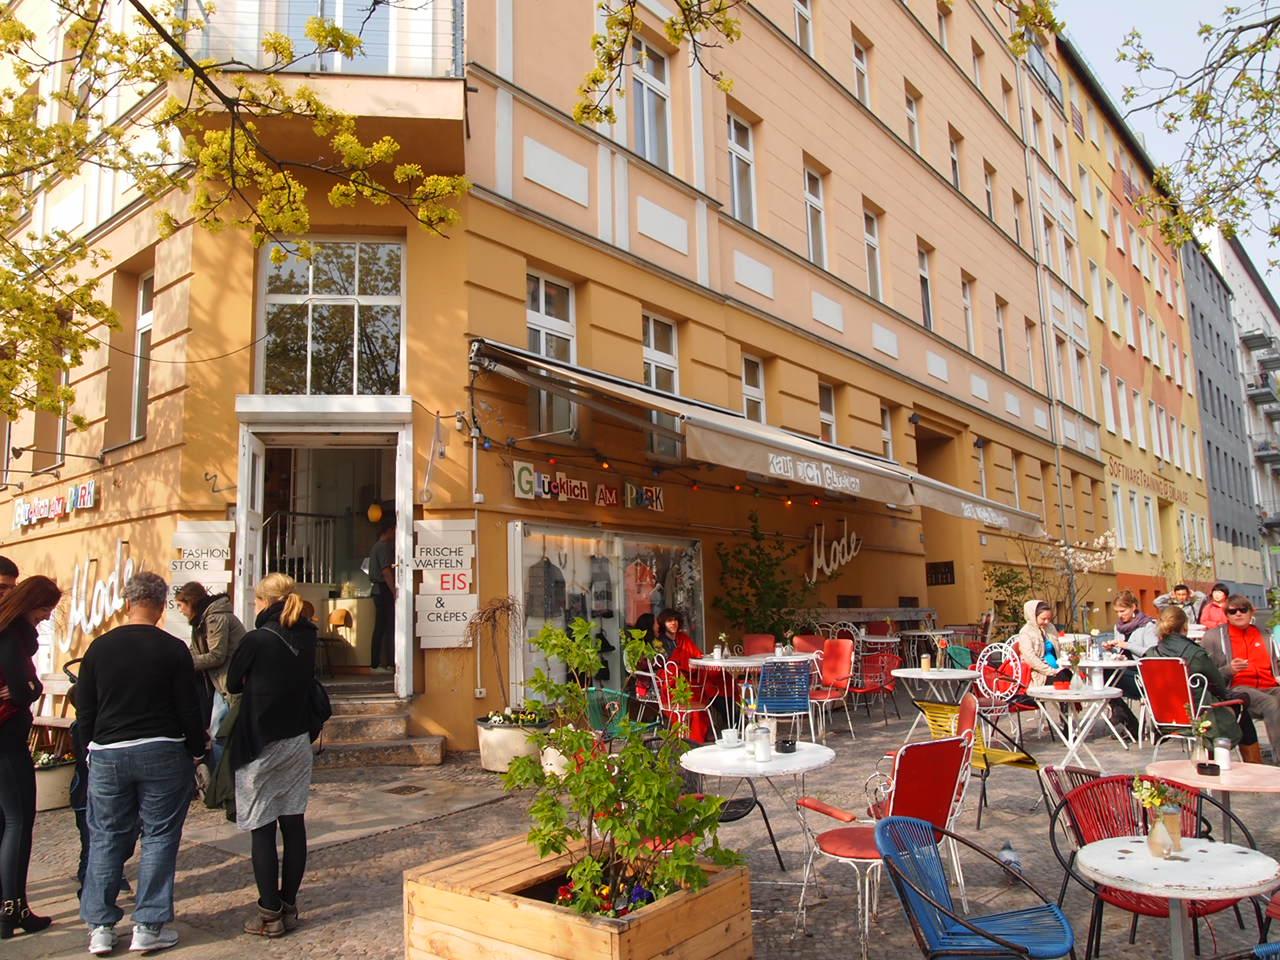 二度楽しめる!カフェとアパレルを合わせたベルリンのカフェって?